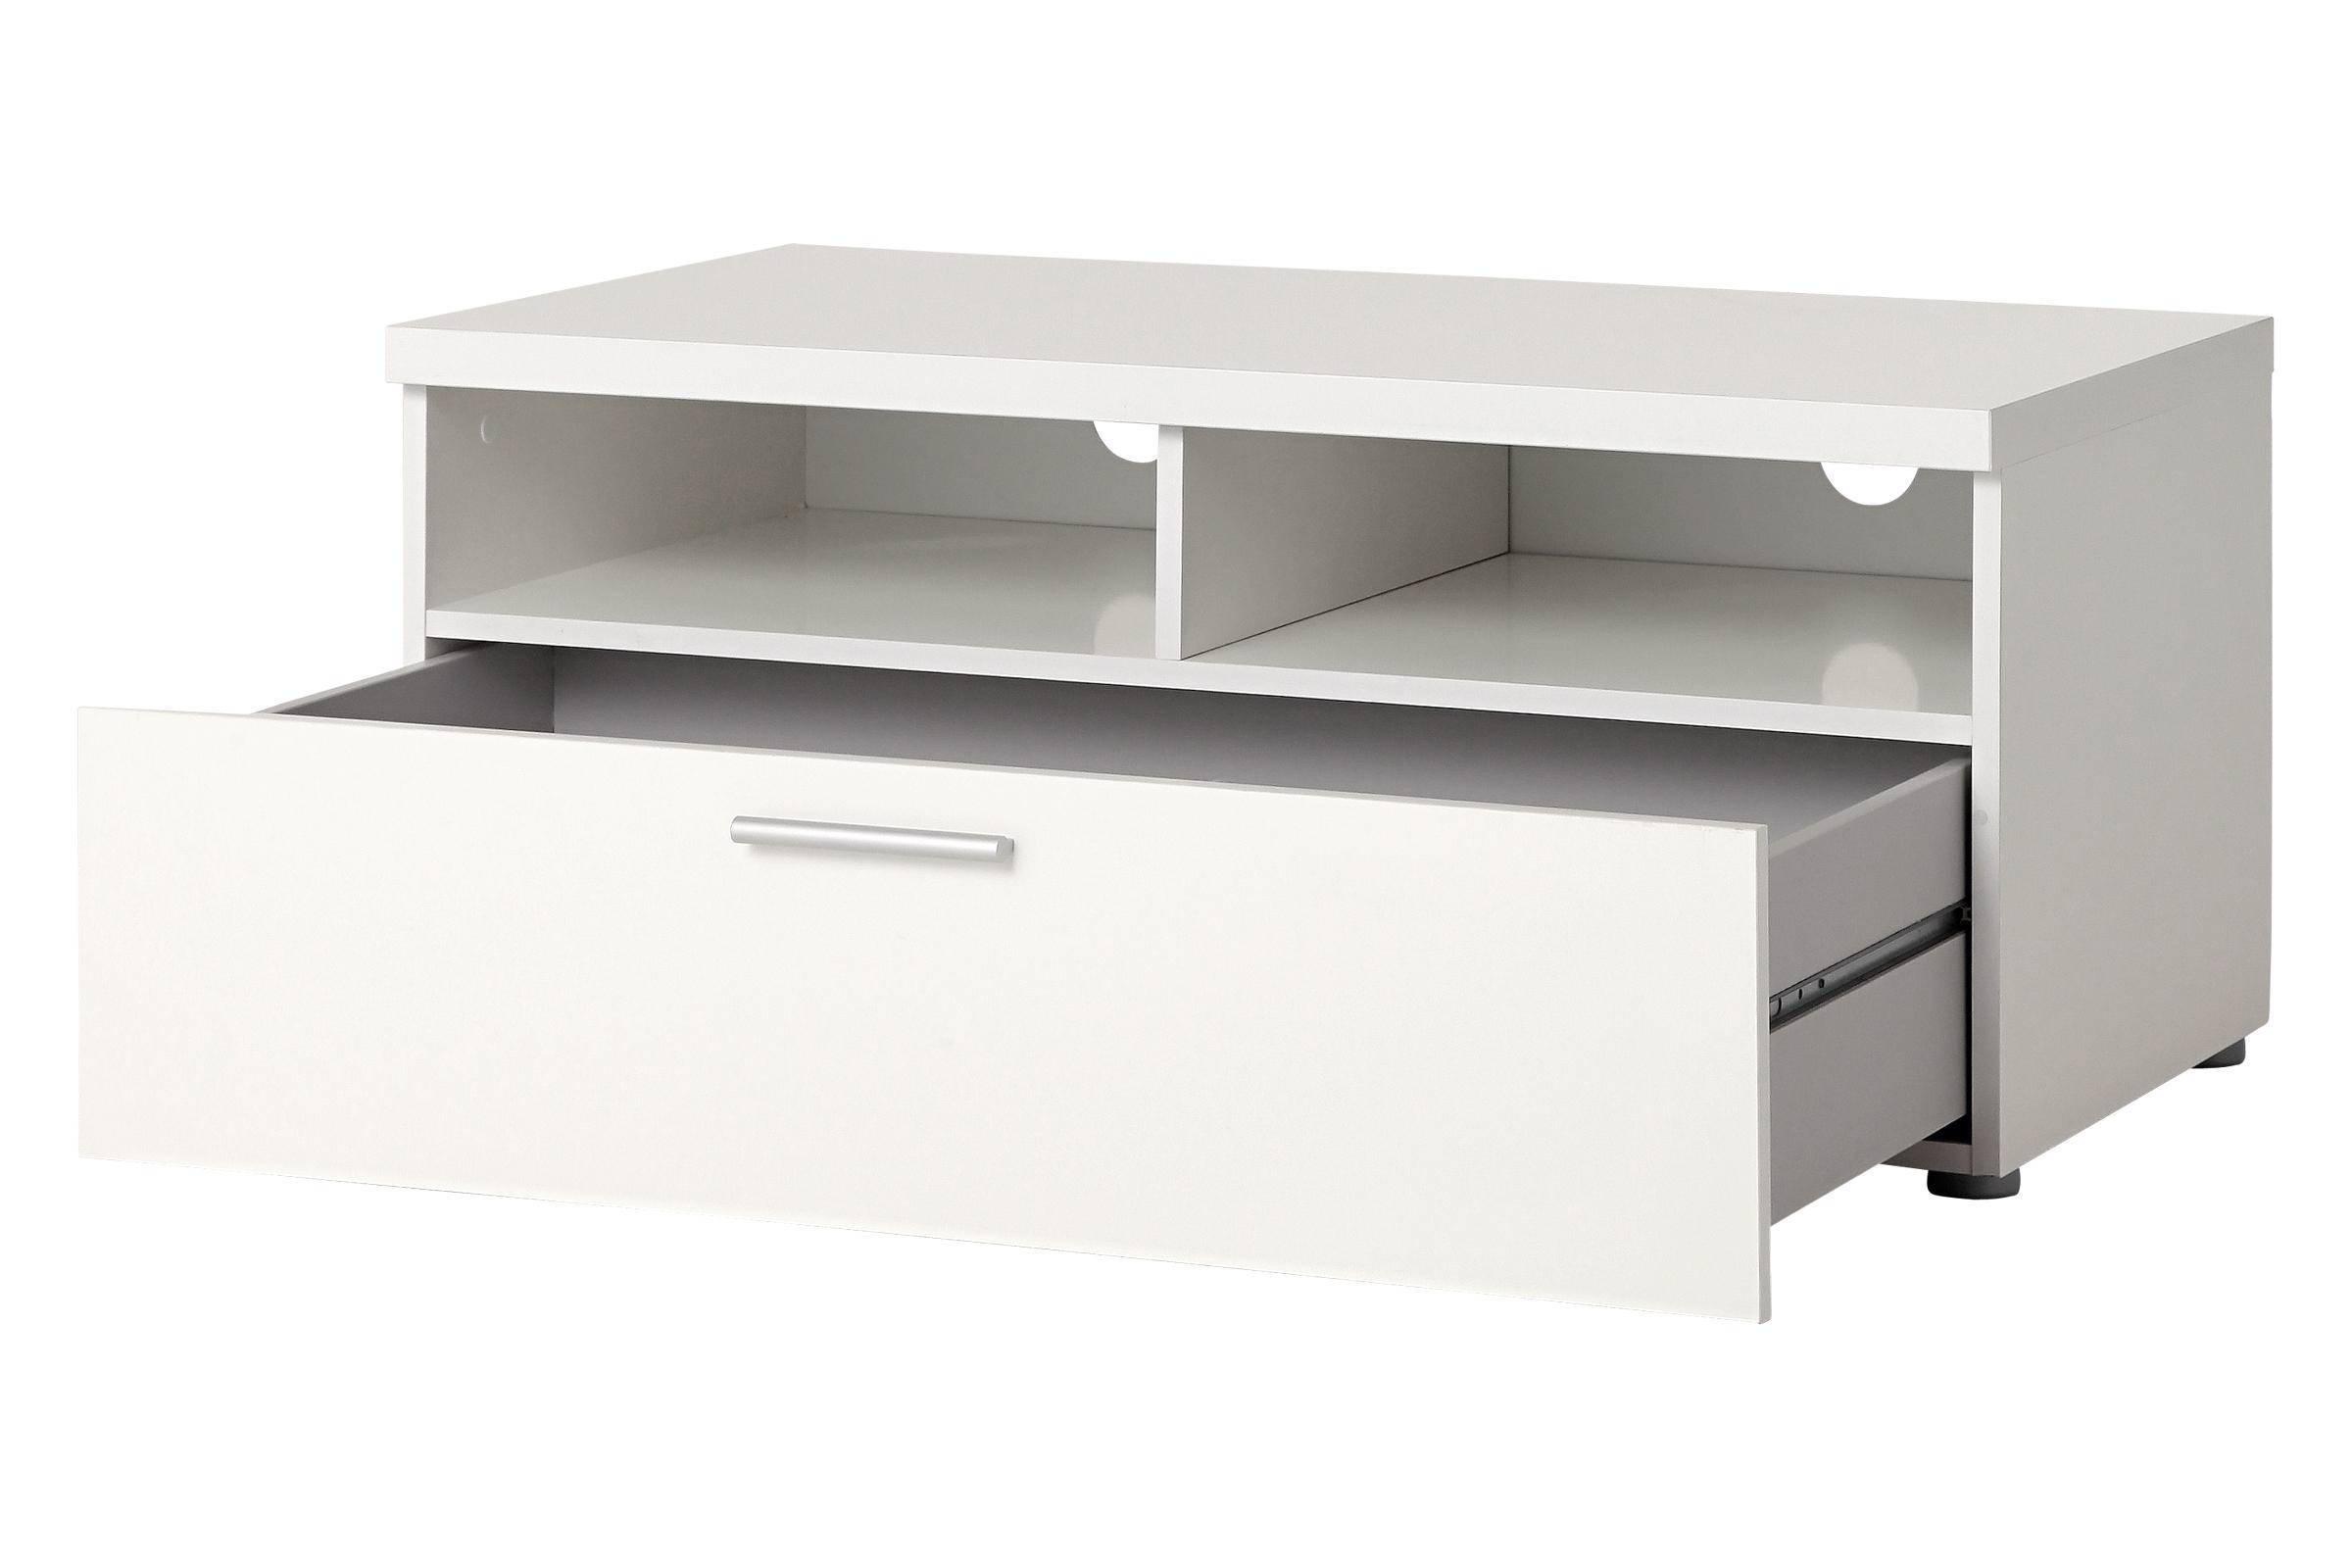 Tenzo dot tv meubel wit kopen bij furnea